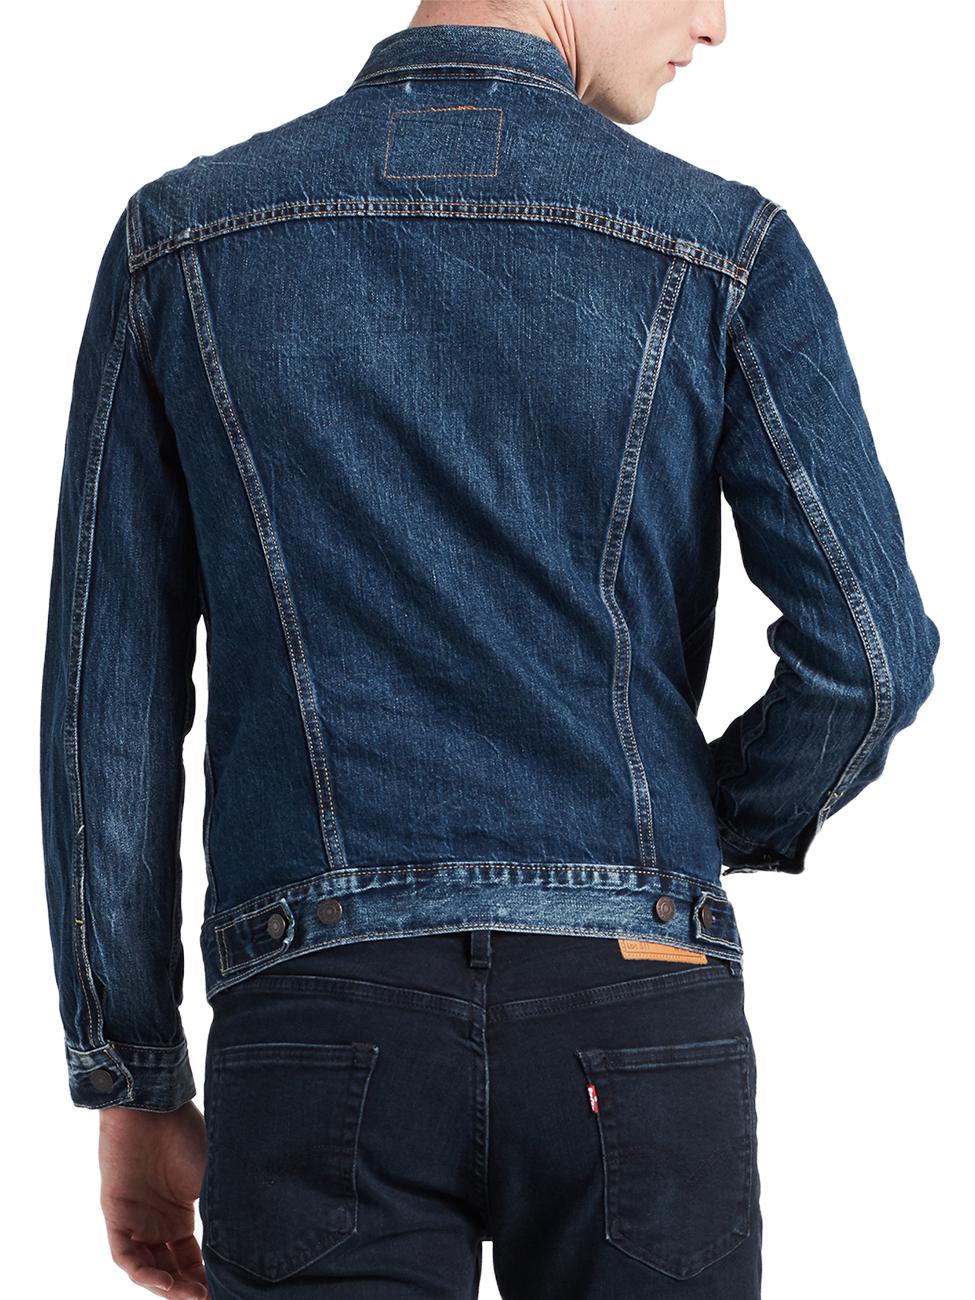 levis-herren-jeansjacke-the-trucker-jacket-regular-fit-blau-palmer-trucker